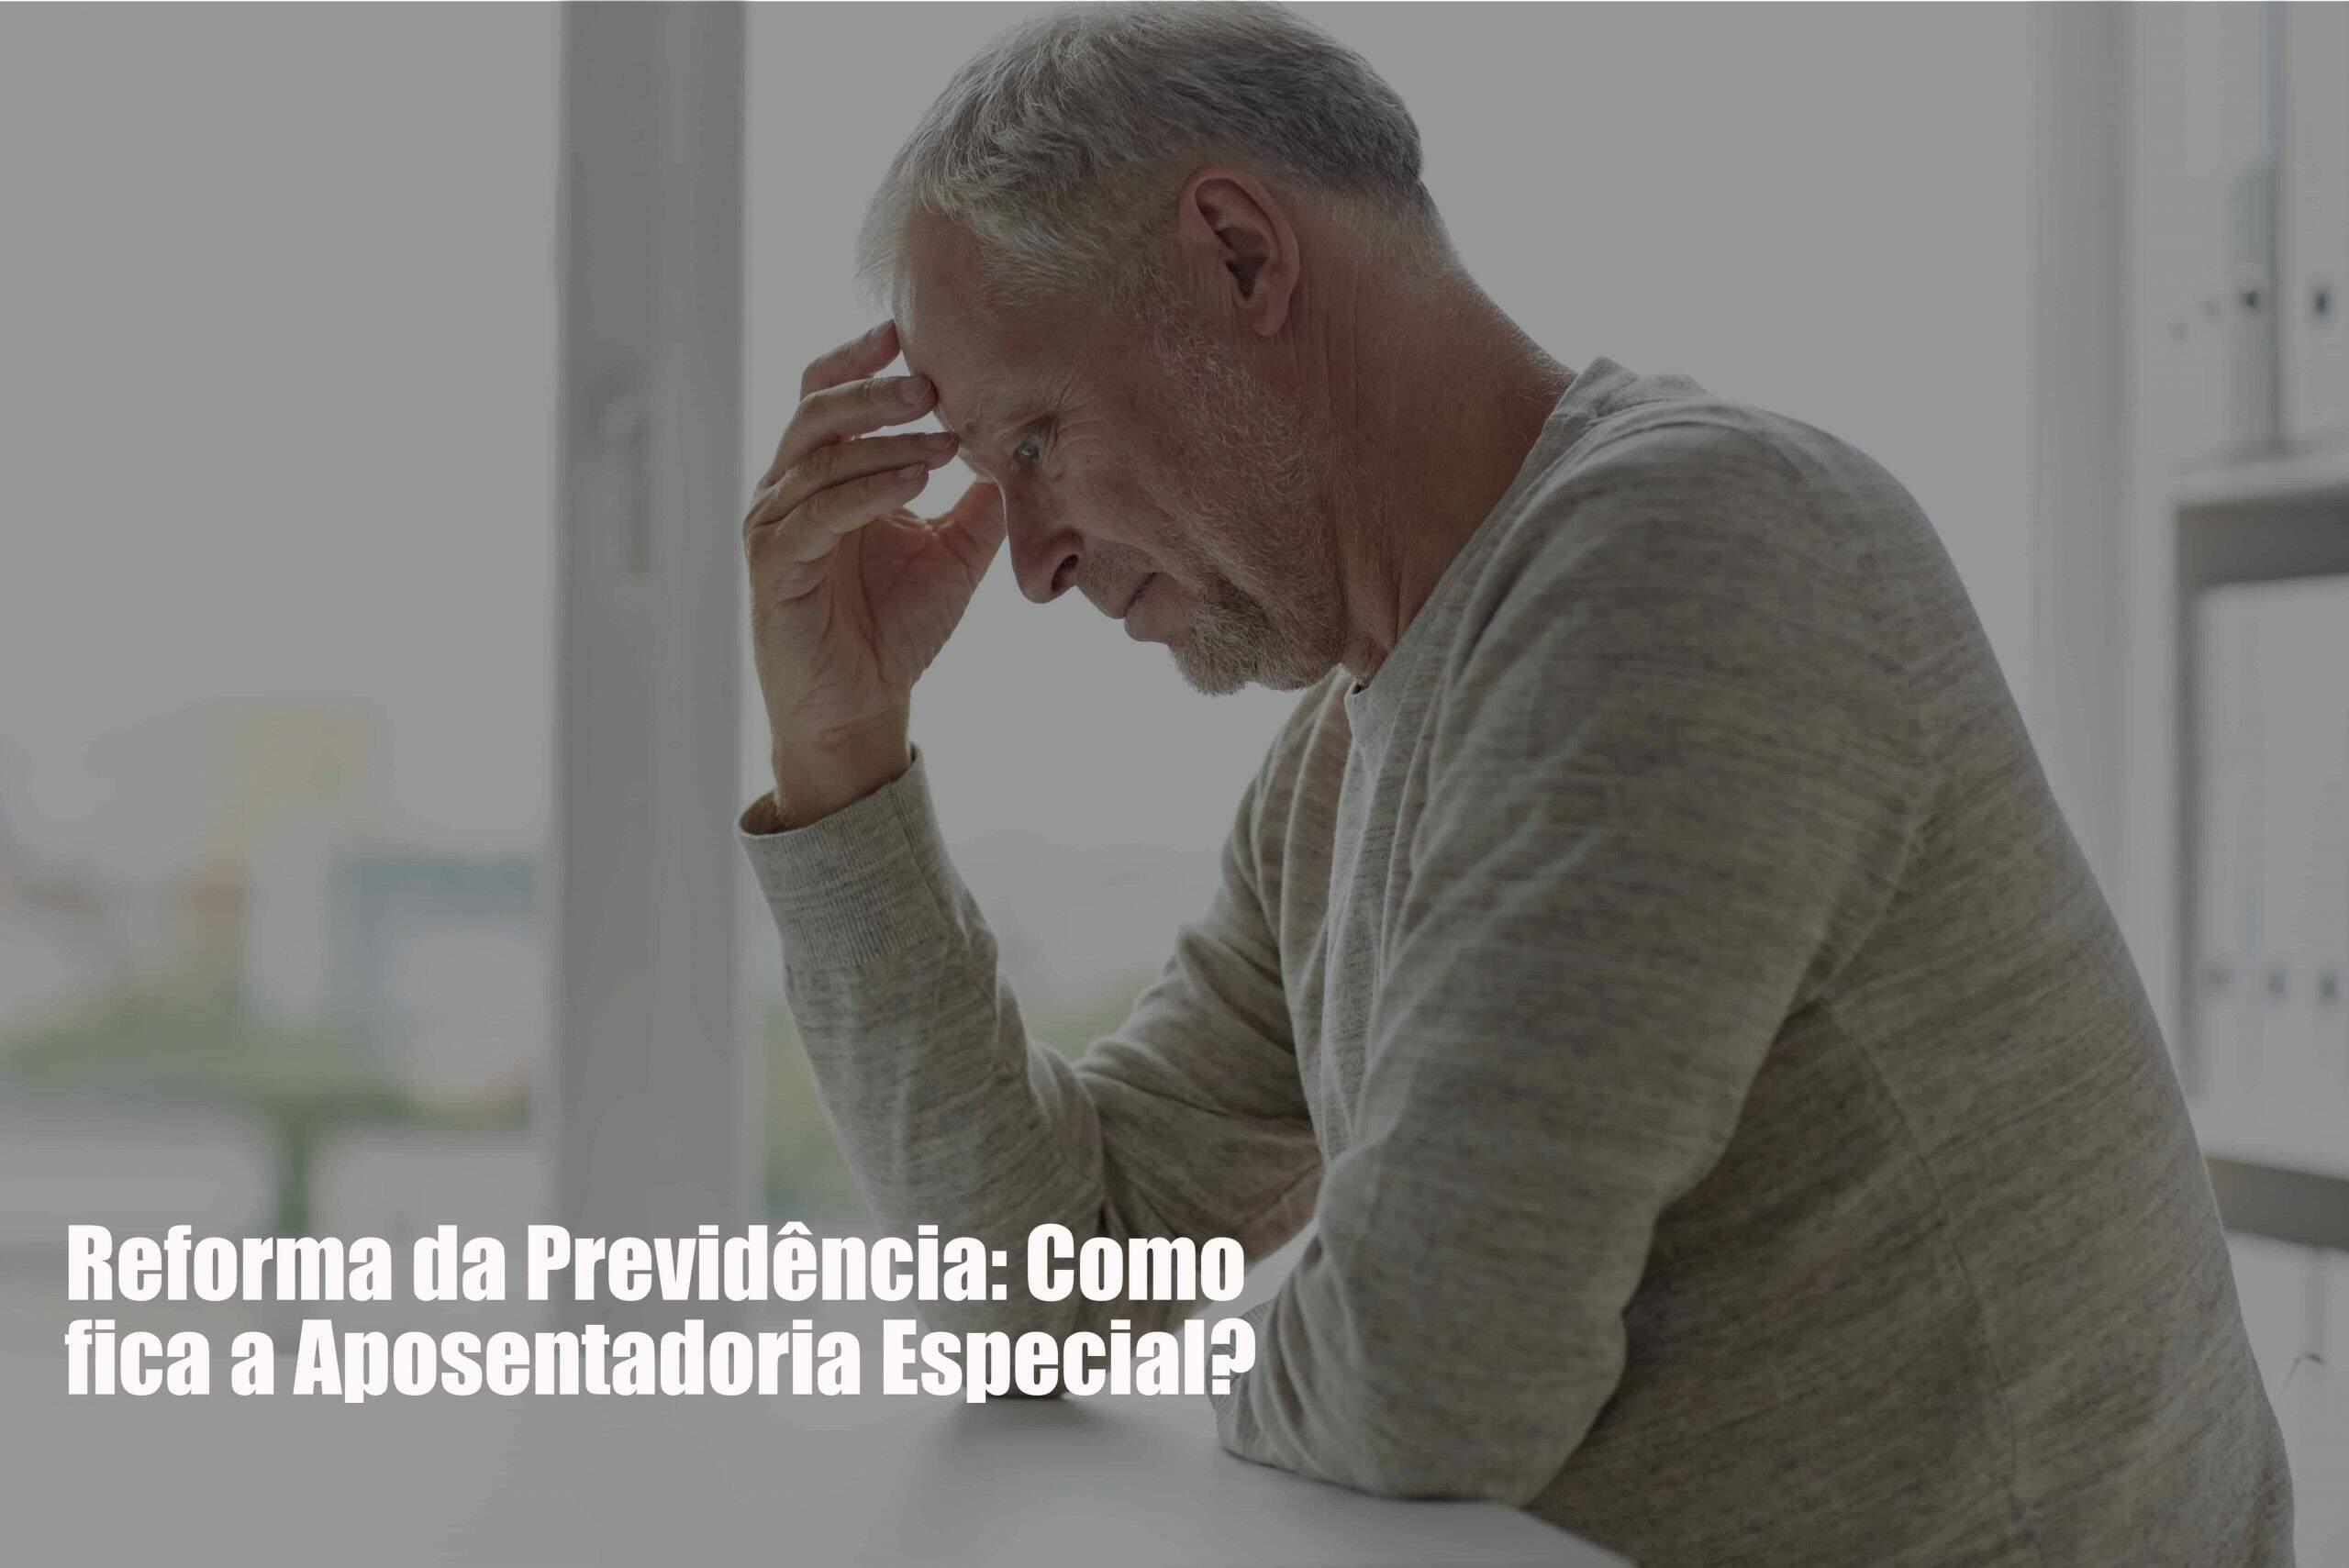 Reforma Da Previdência Como Fica A Aposentadoria Especial Post - Menezes Bonato Advogados Associados